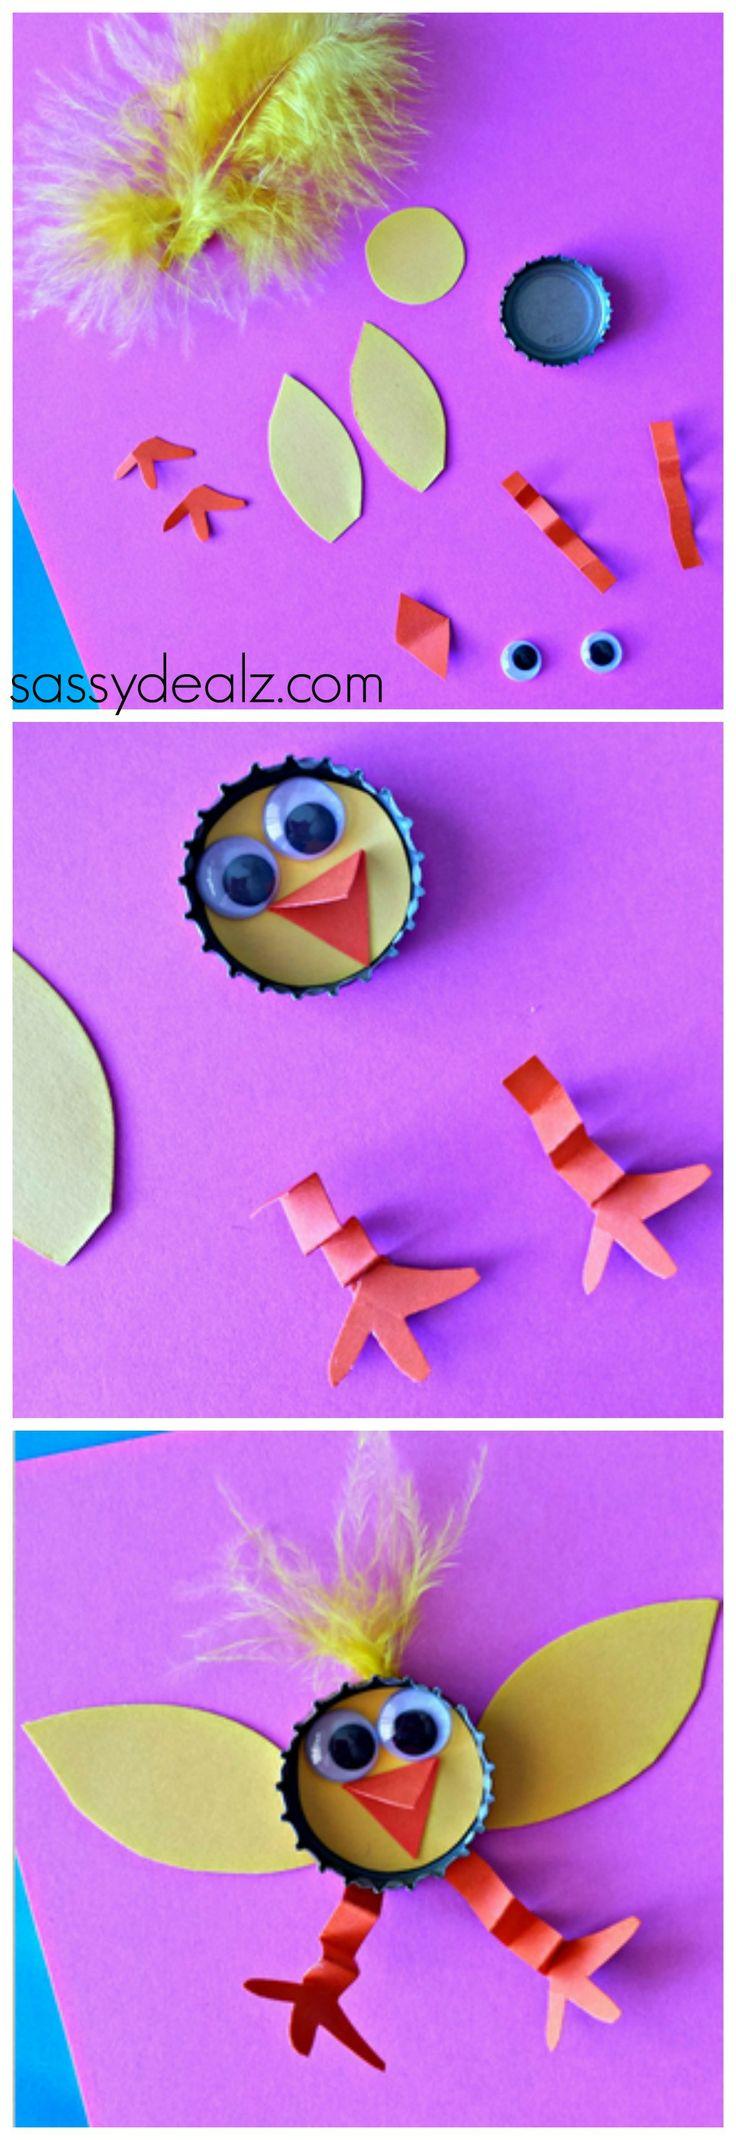 Bottle Cap Chick Craft for Kids! #Easter craft #DIY | CraftyMorning.com